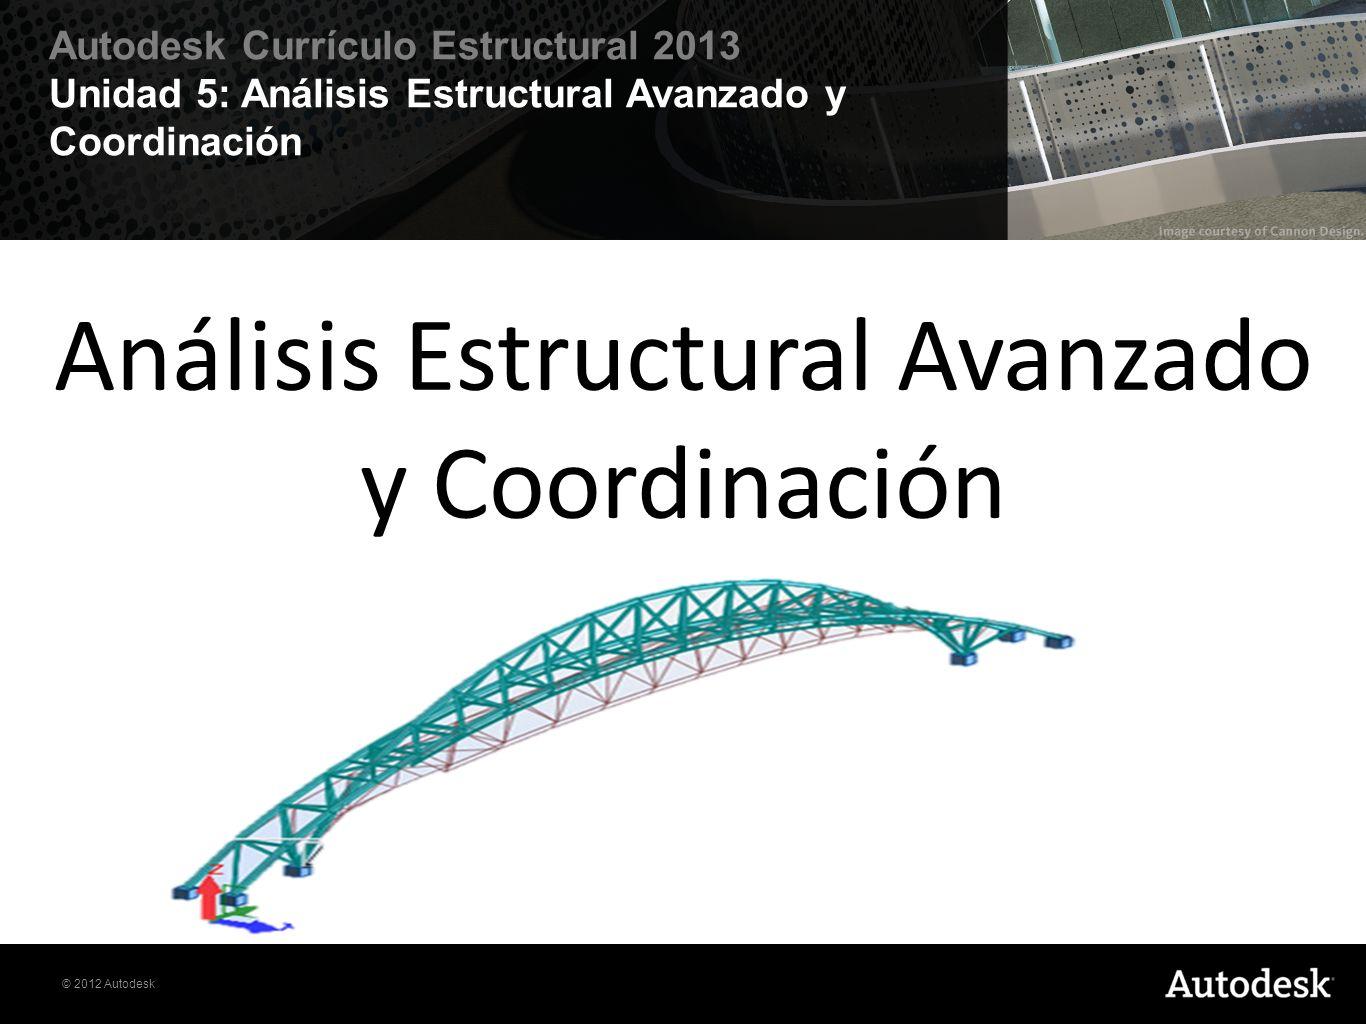 Análisis Estructural Avanzado y Coordinación